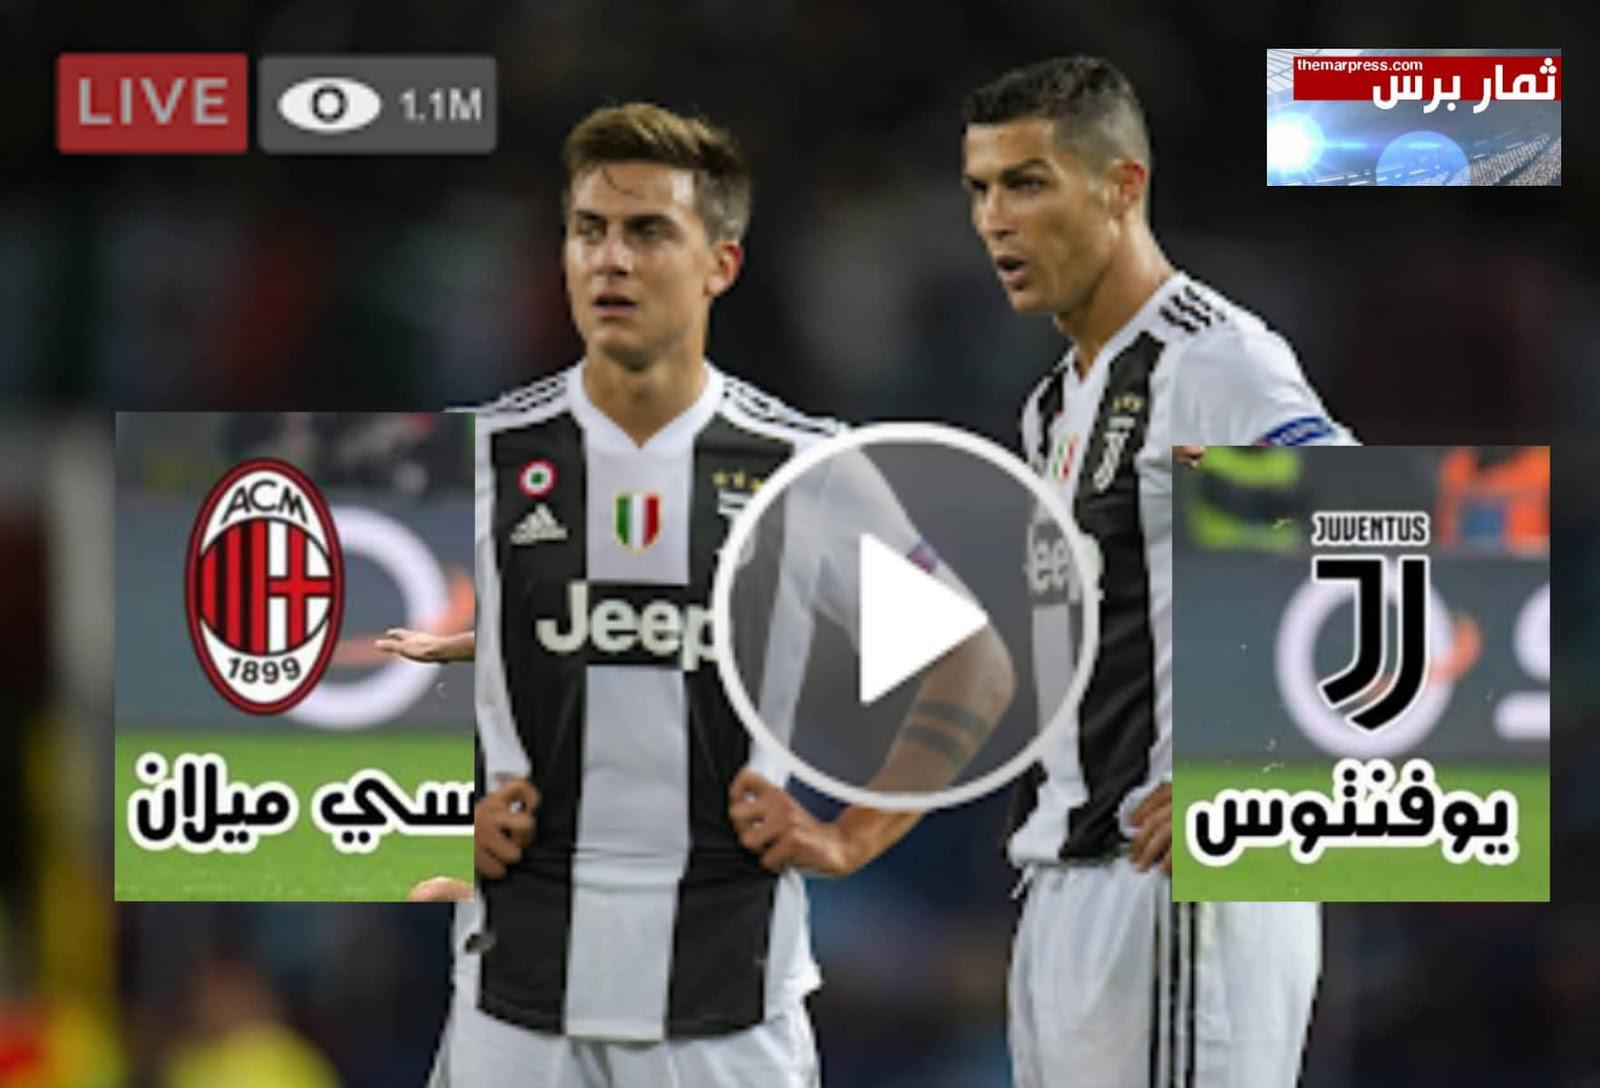 يلاشوت مباشر الان كلاسيكو ايطاليا مباراة يوفنتوس وميلان بث مباشر بتاريخ 06-04-2019 الدوري الايطالي